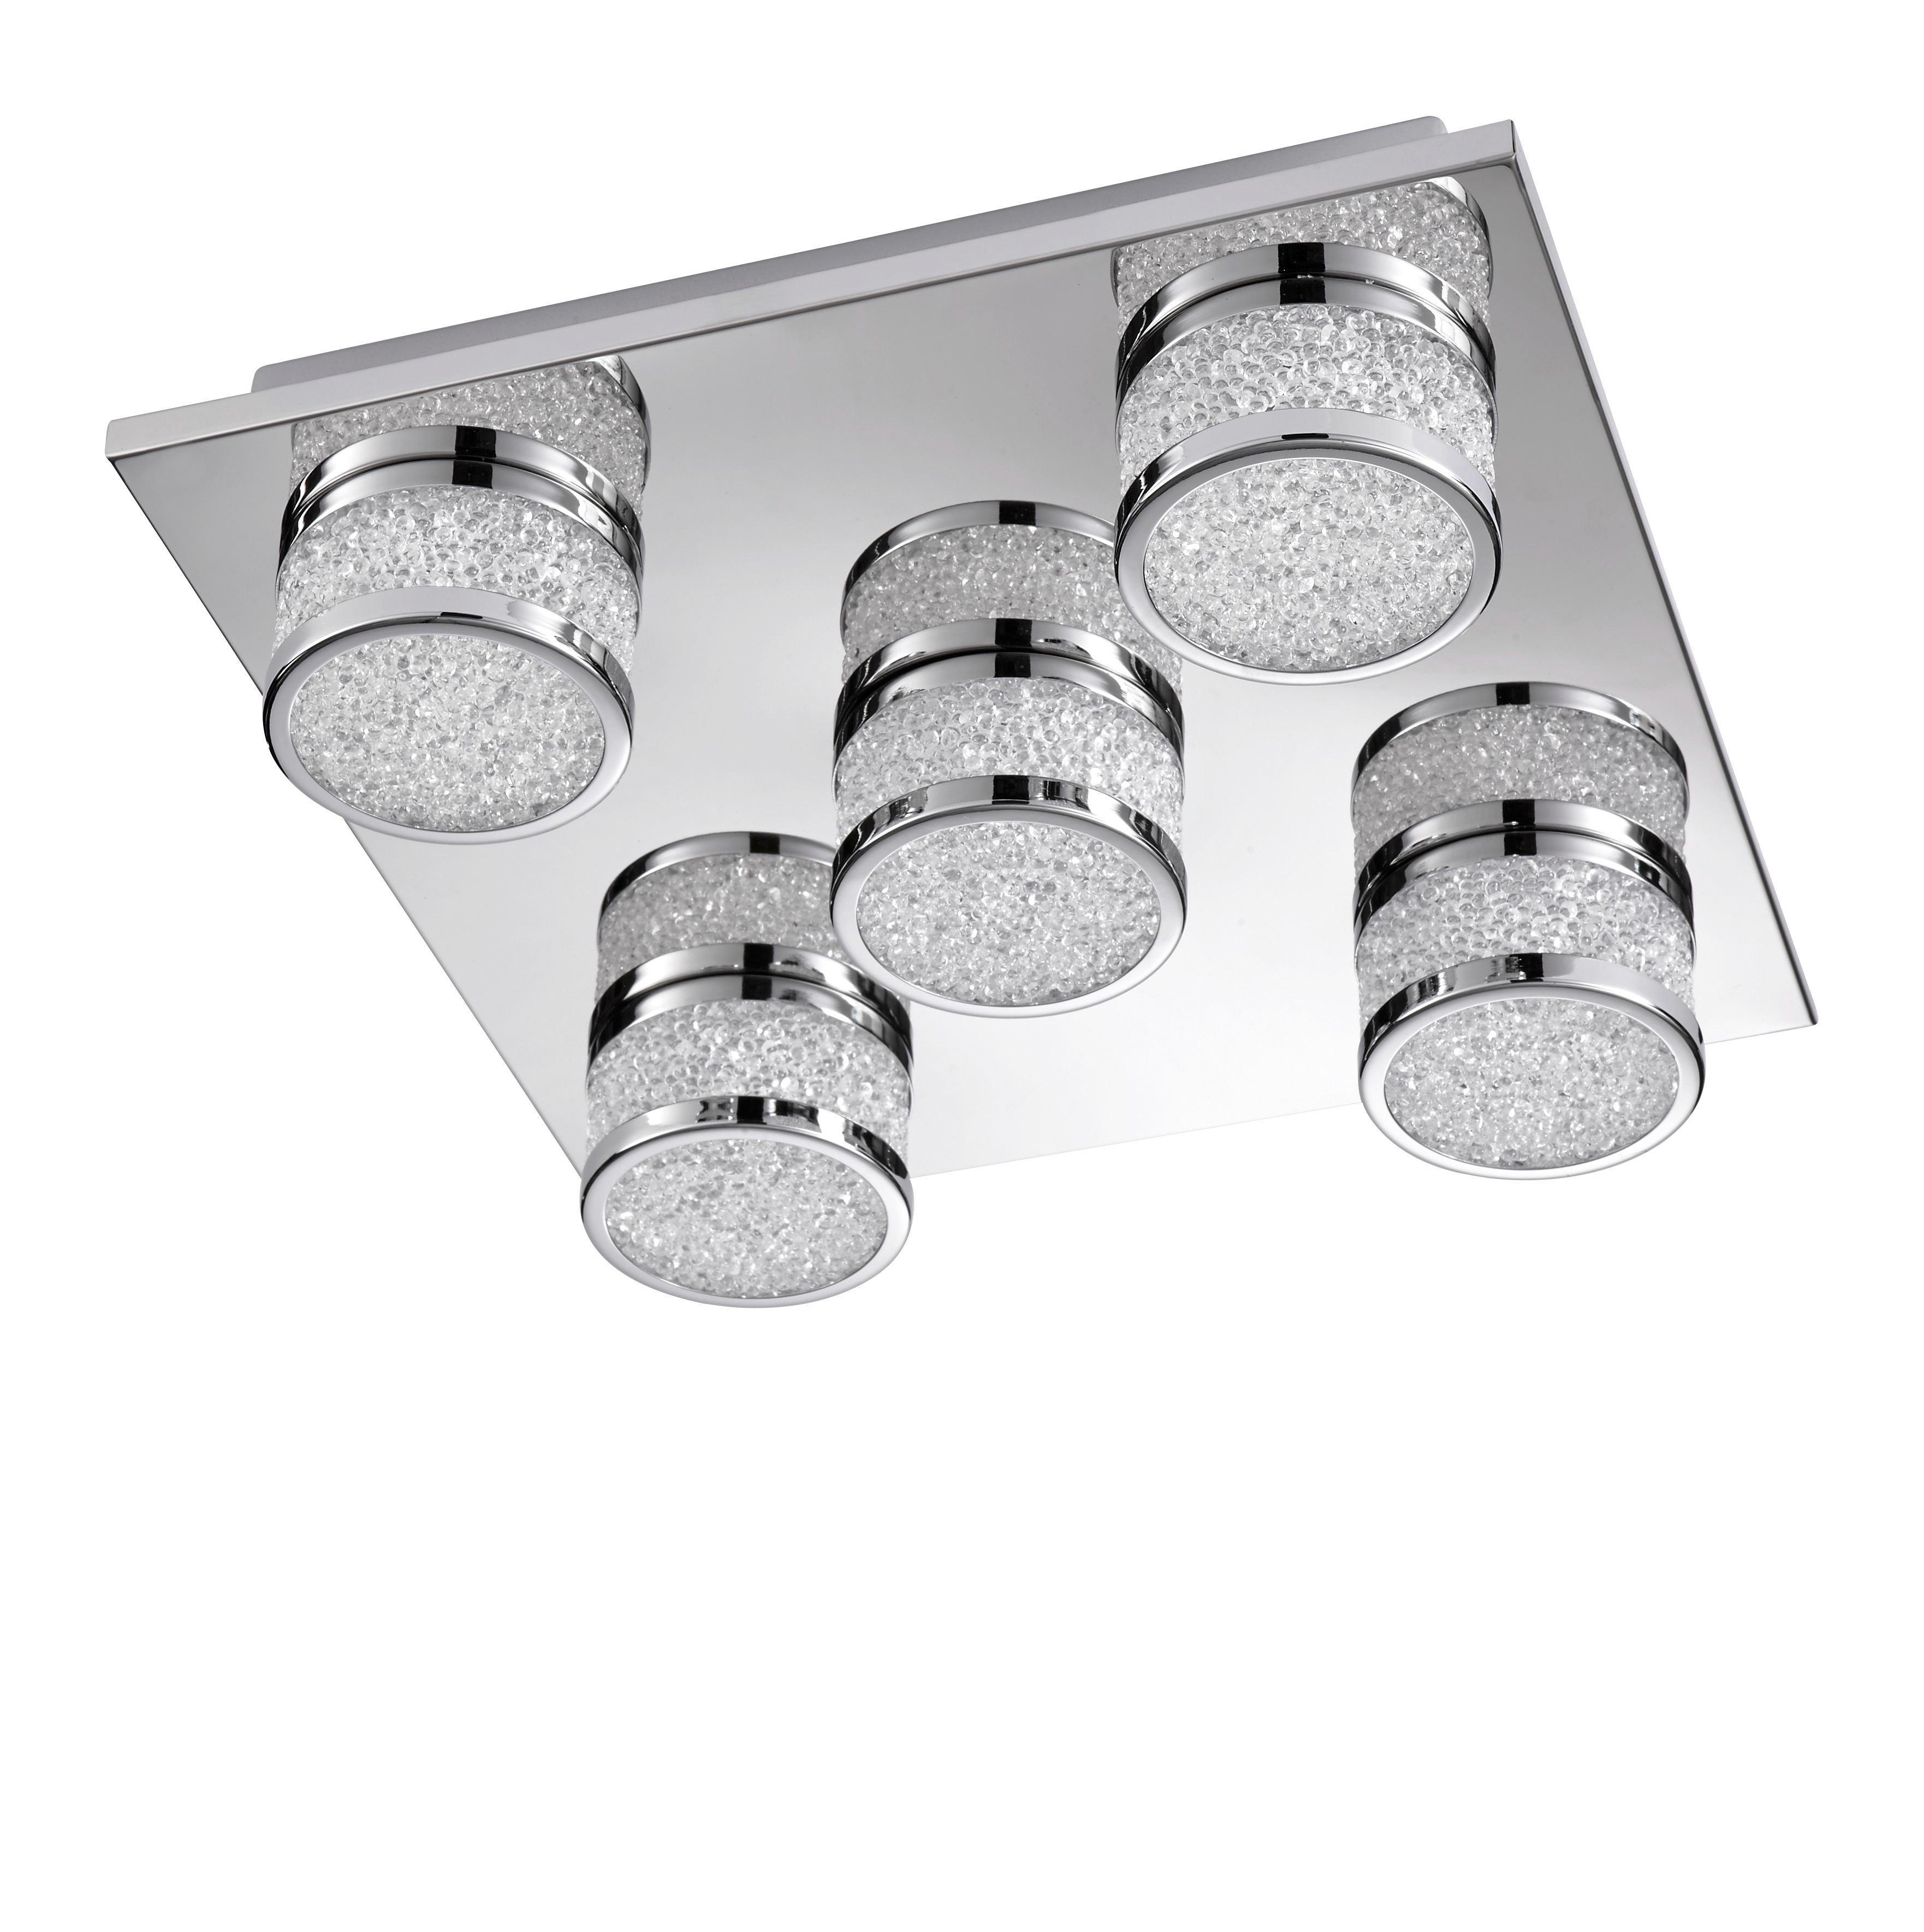 LED STROPNÍ SVÍTIDLO - barvy chromu, Design, kov/umělá hmota (32/9/32cm) - NOVEL